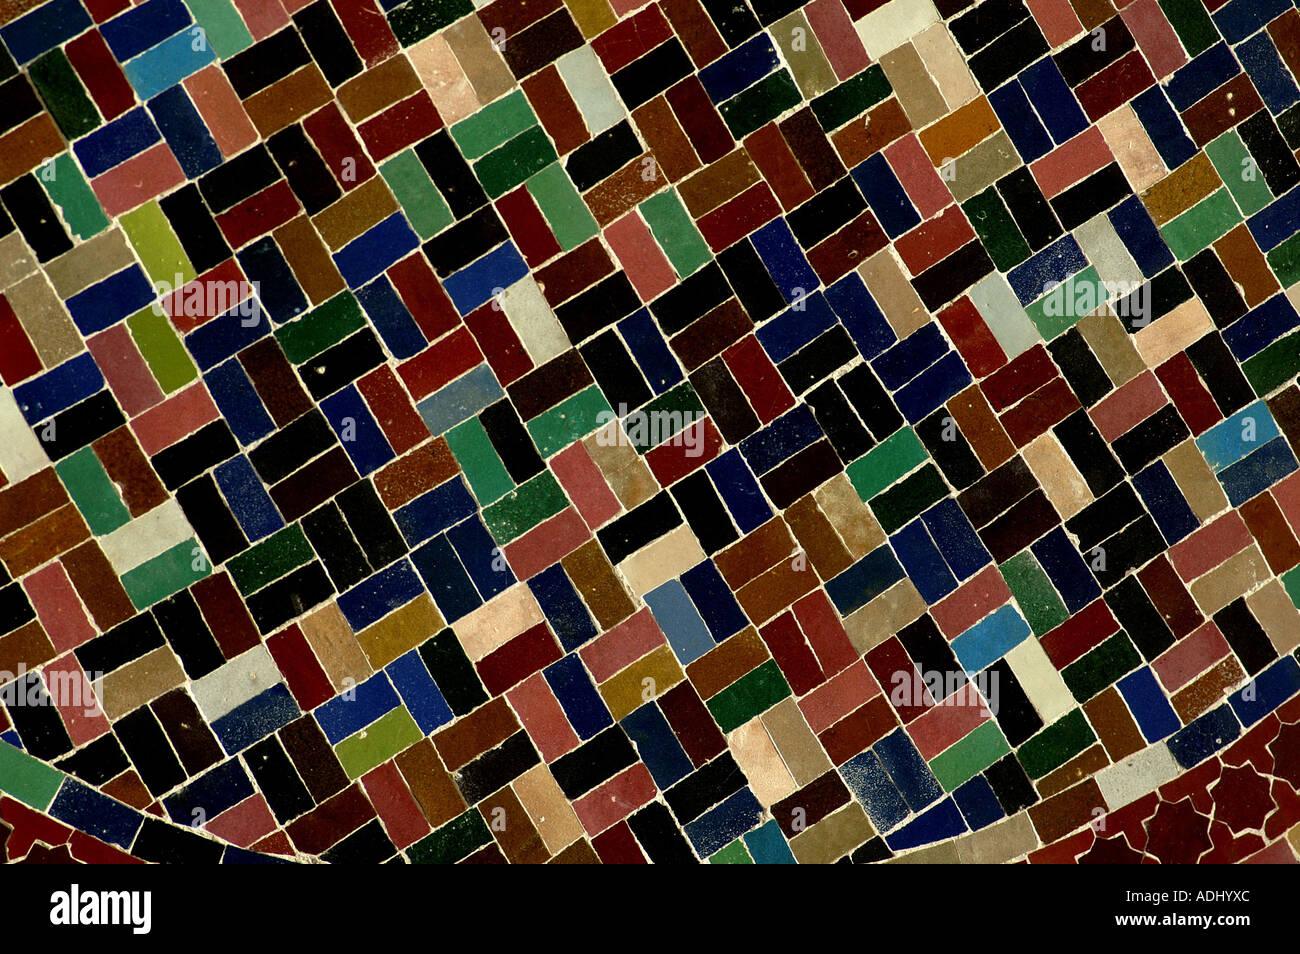 Mosaico pezzi colorati di piastrelle in ceramica opere di argilla